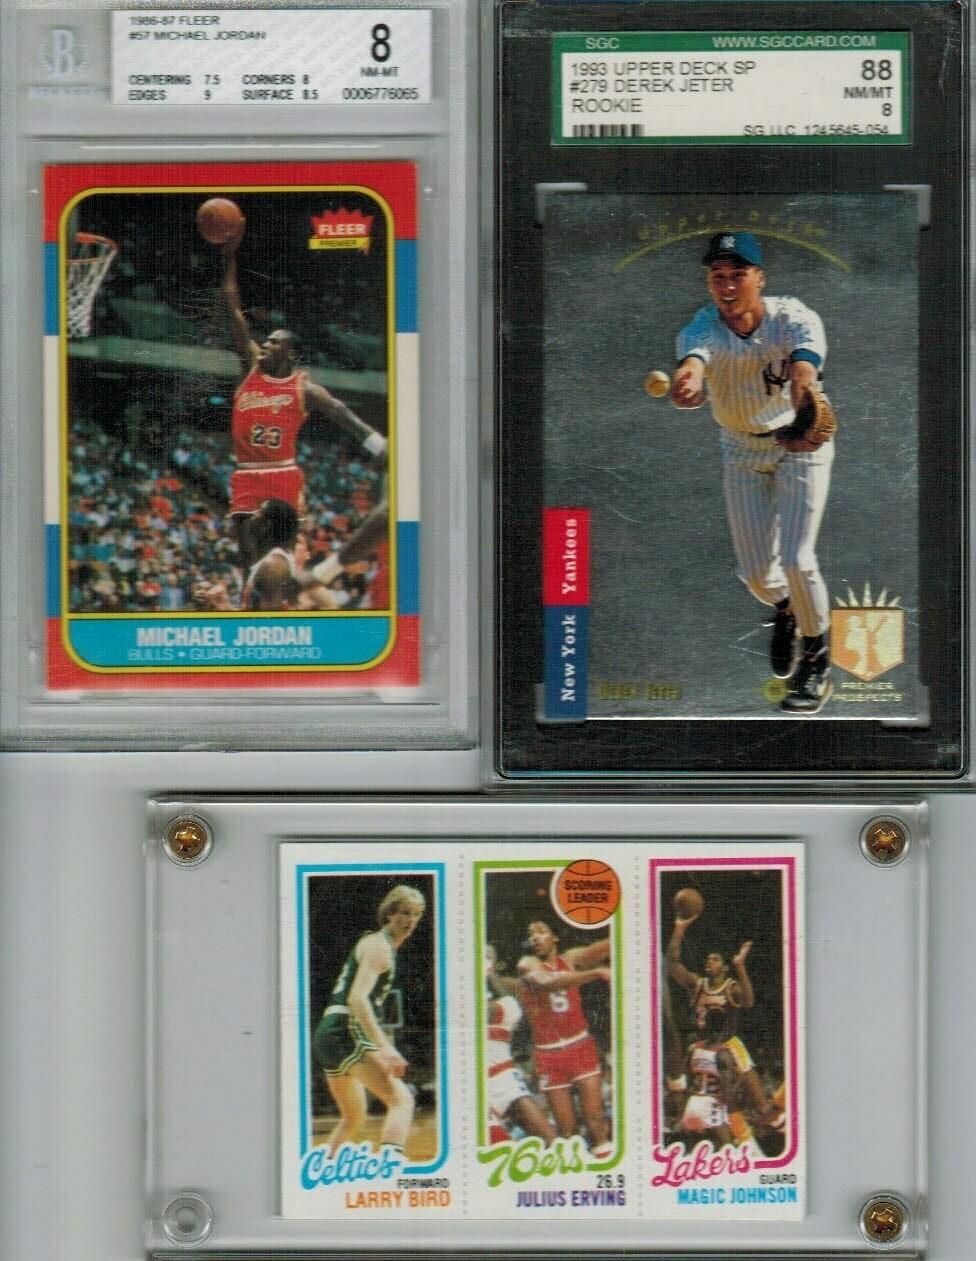 1986/87 Fleer Michael Jordan rookie Beckett Graded 8